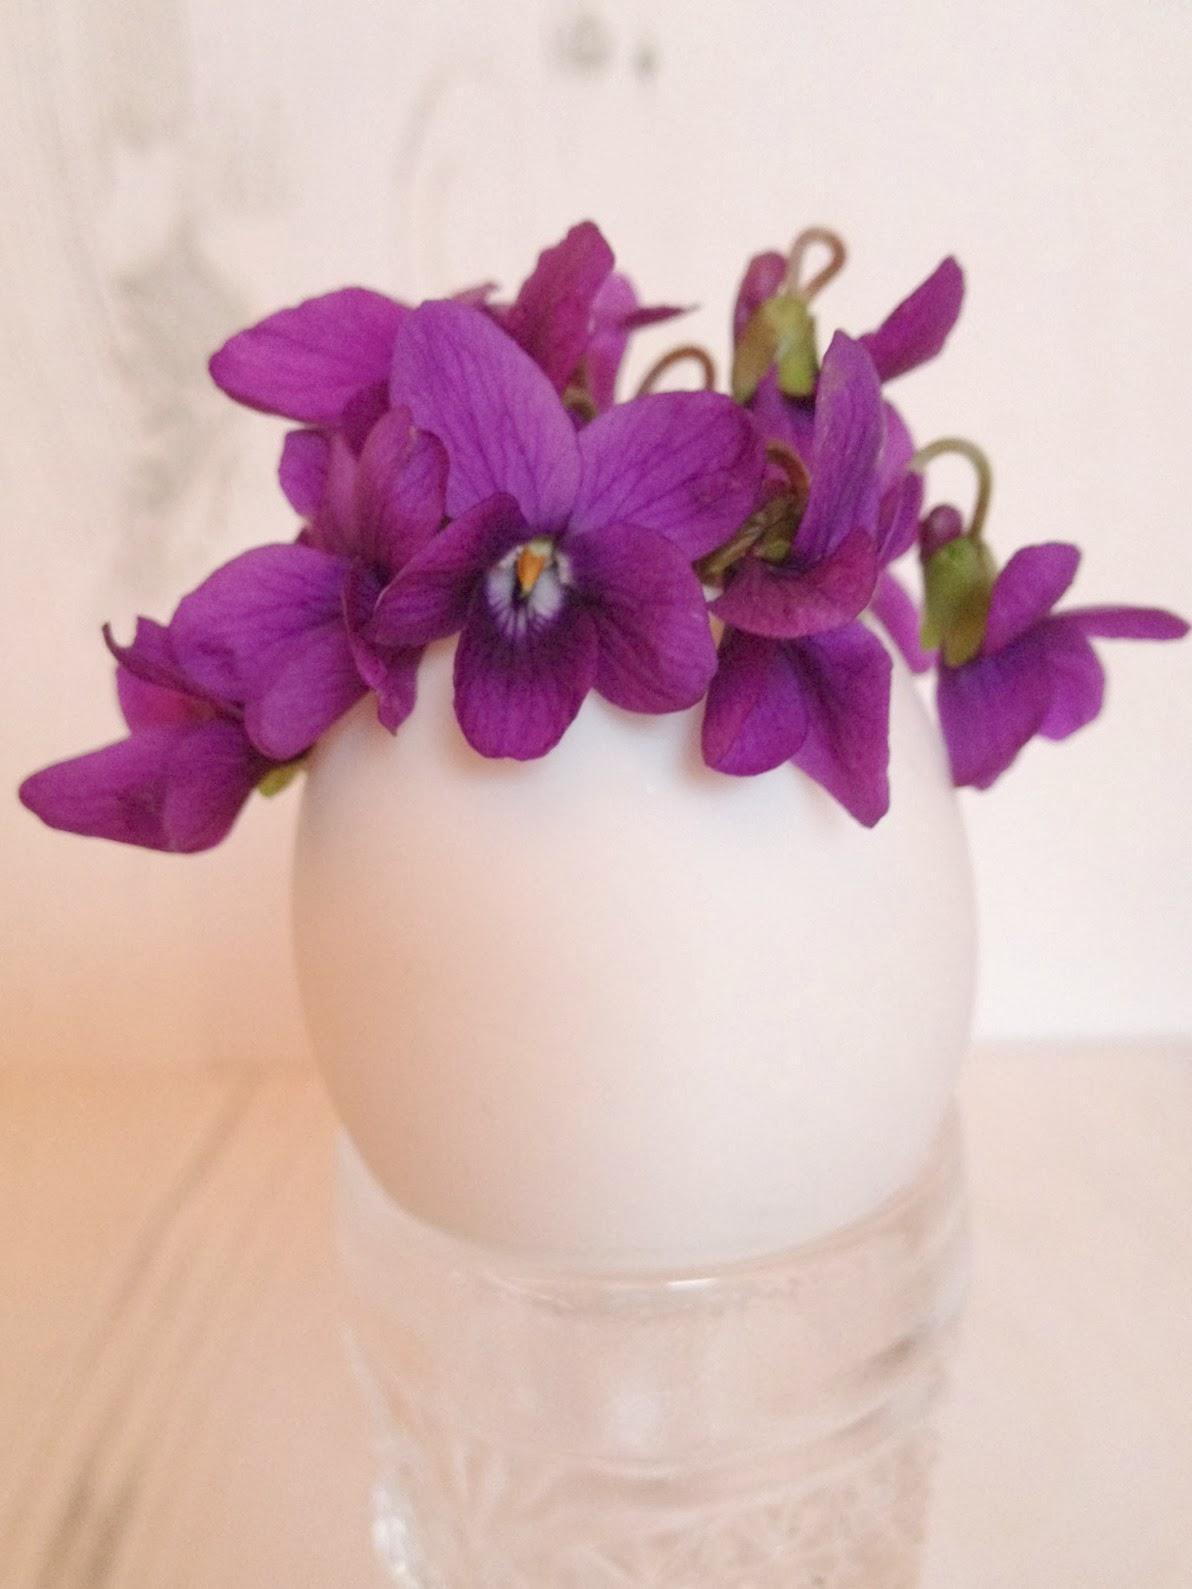 Egg shell flower vase